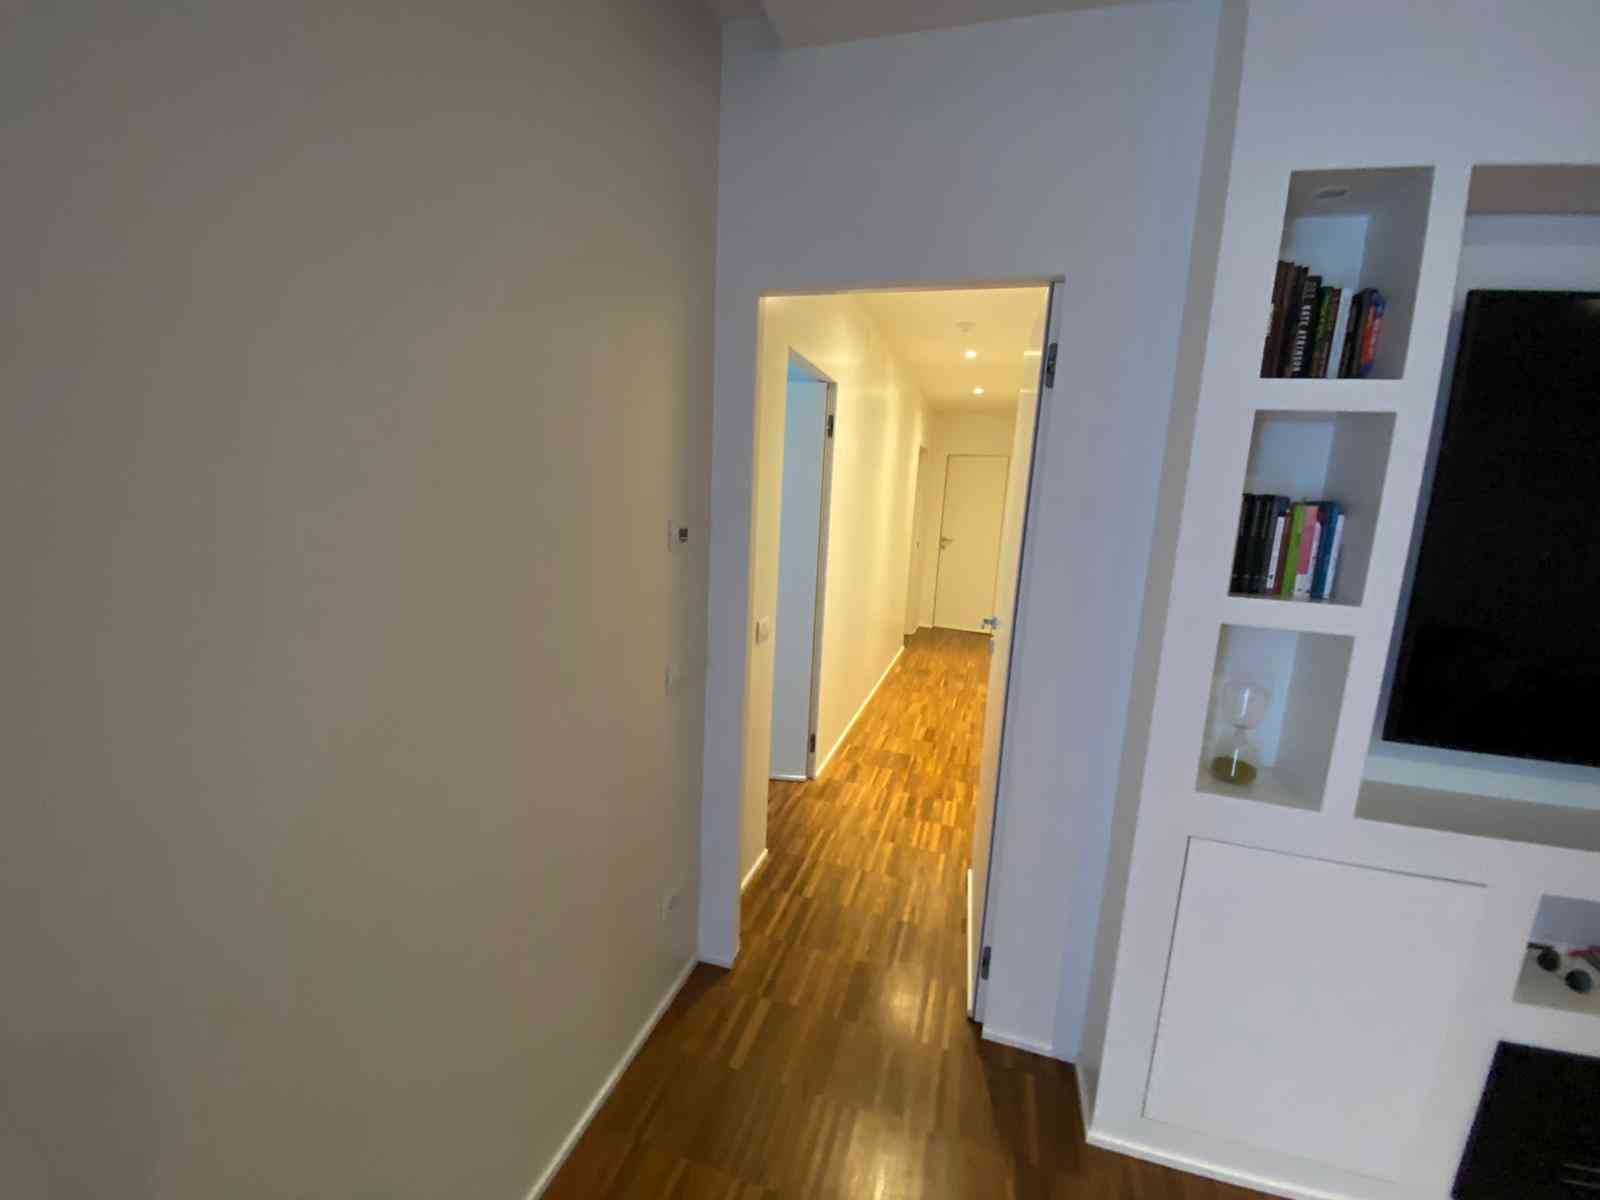 Appartamento-in-vendita-3-tre-locali-terrazzo-giardino-nuova-costruzione-spaziourbano-immobiliare-vende-milano-6